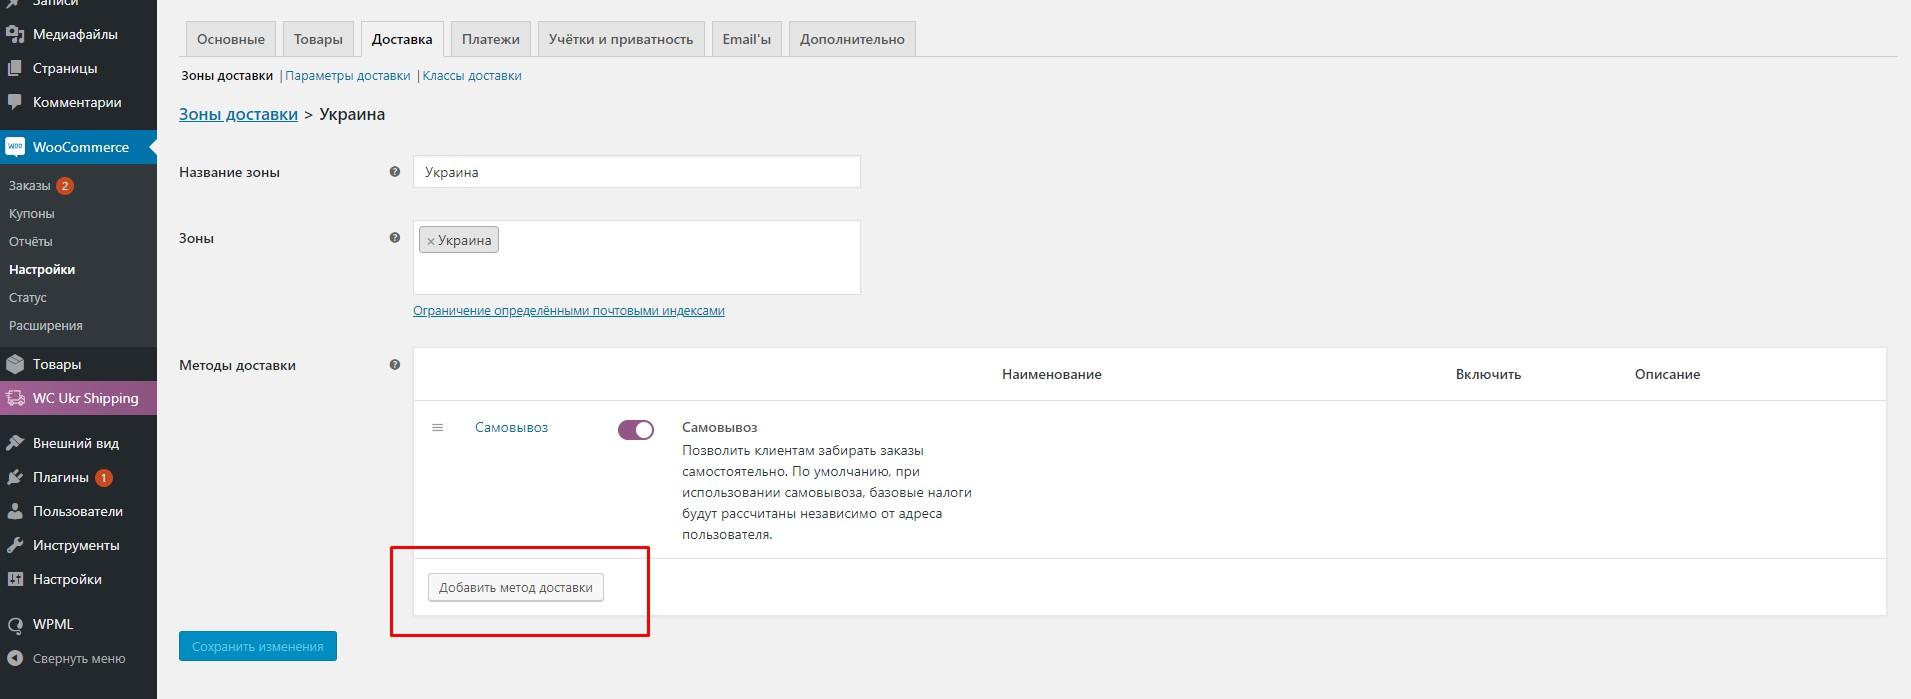 Добавление метода доставки службой Новая Почта для WooCommerce